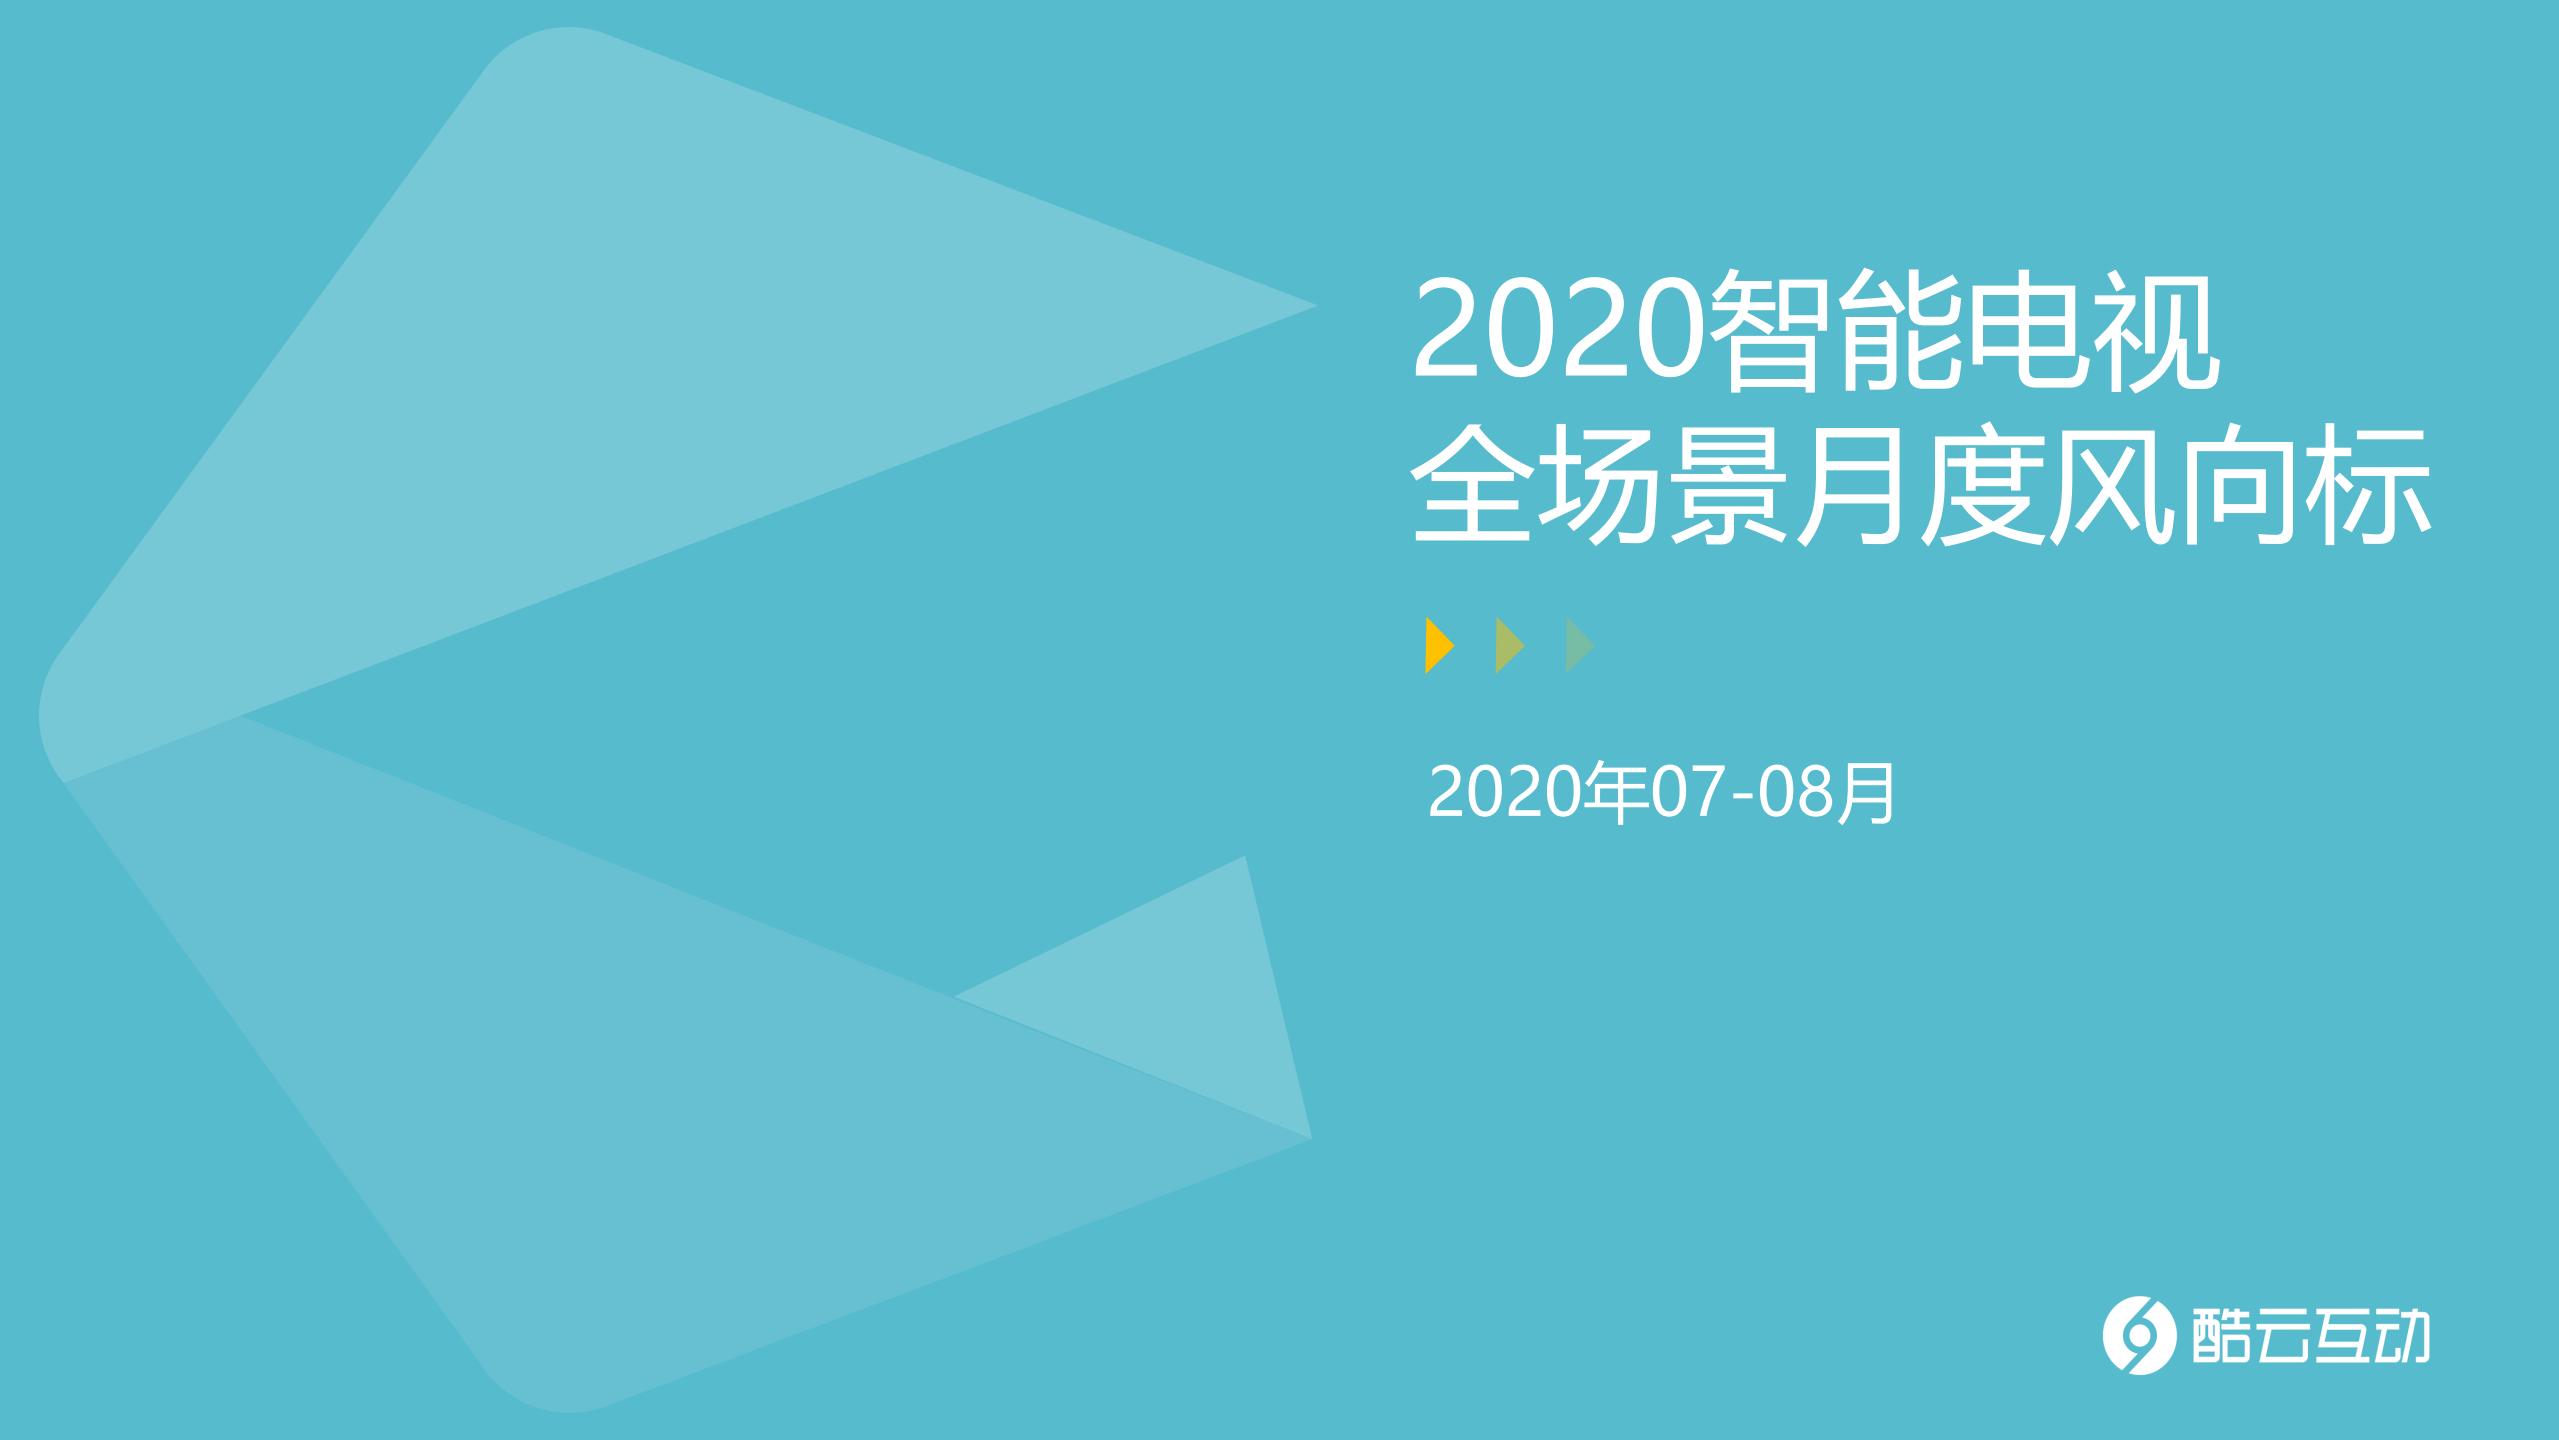 酷云互动:2020年7-8月智能电视全场景月度风向标